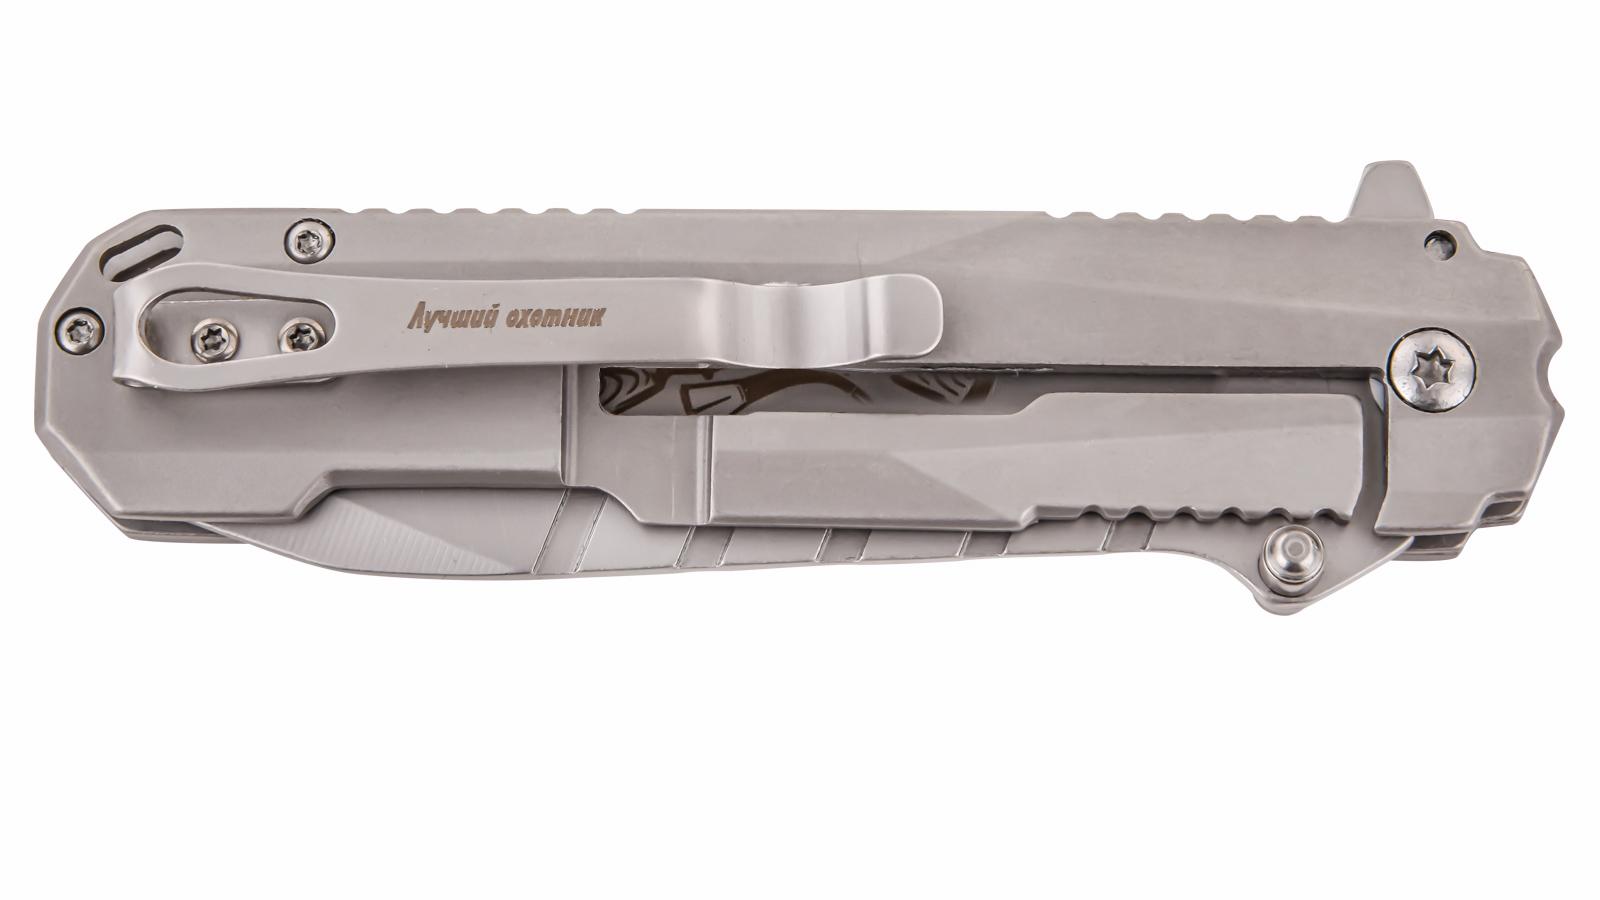 Тактический нож «Лучший охотник - Ни пуха, ни пера»